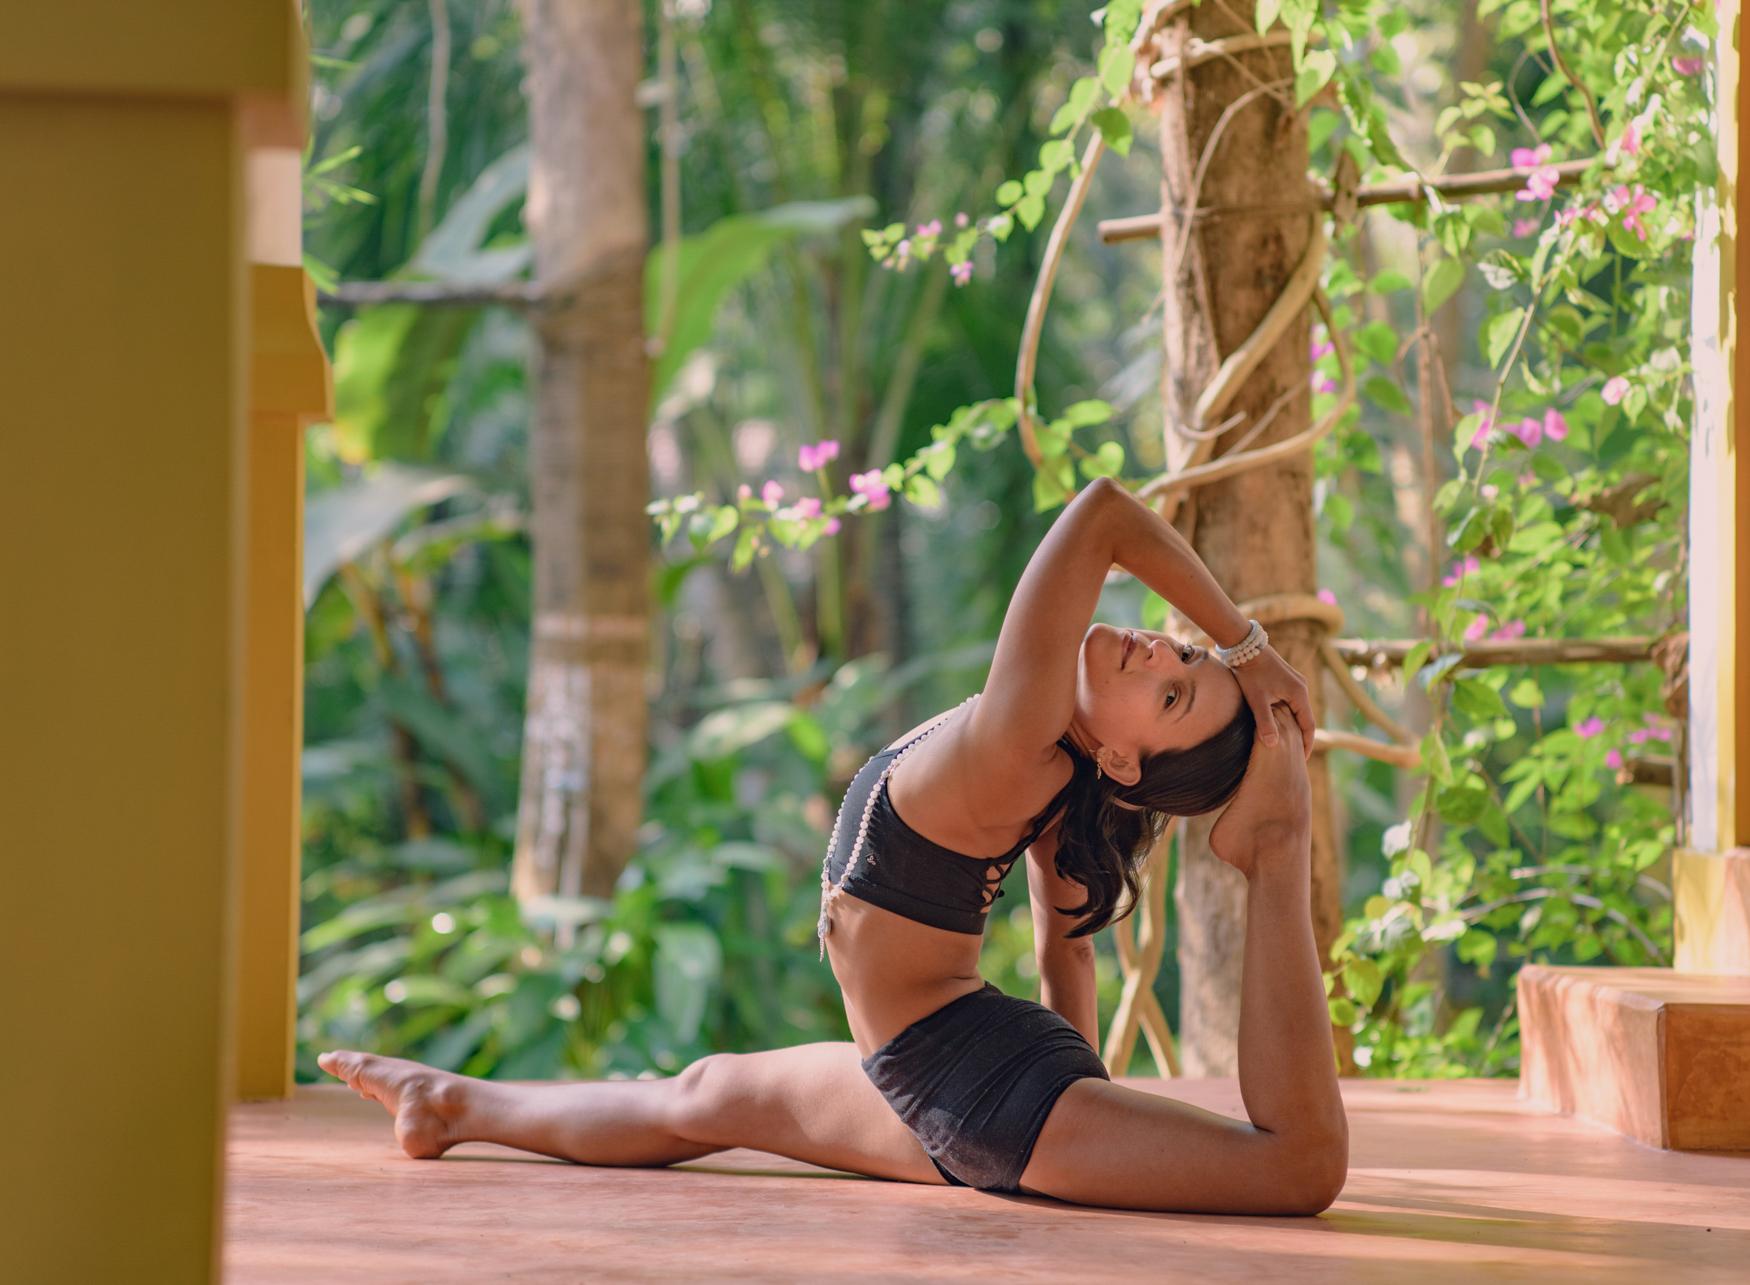 Yoga-Asana-Photography-Costa-Rica-12.jpg